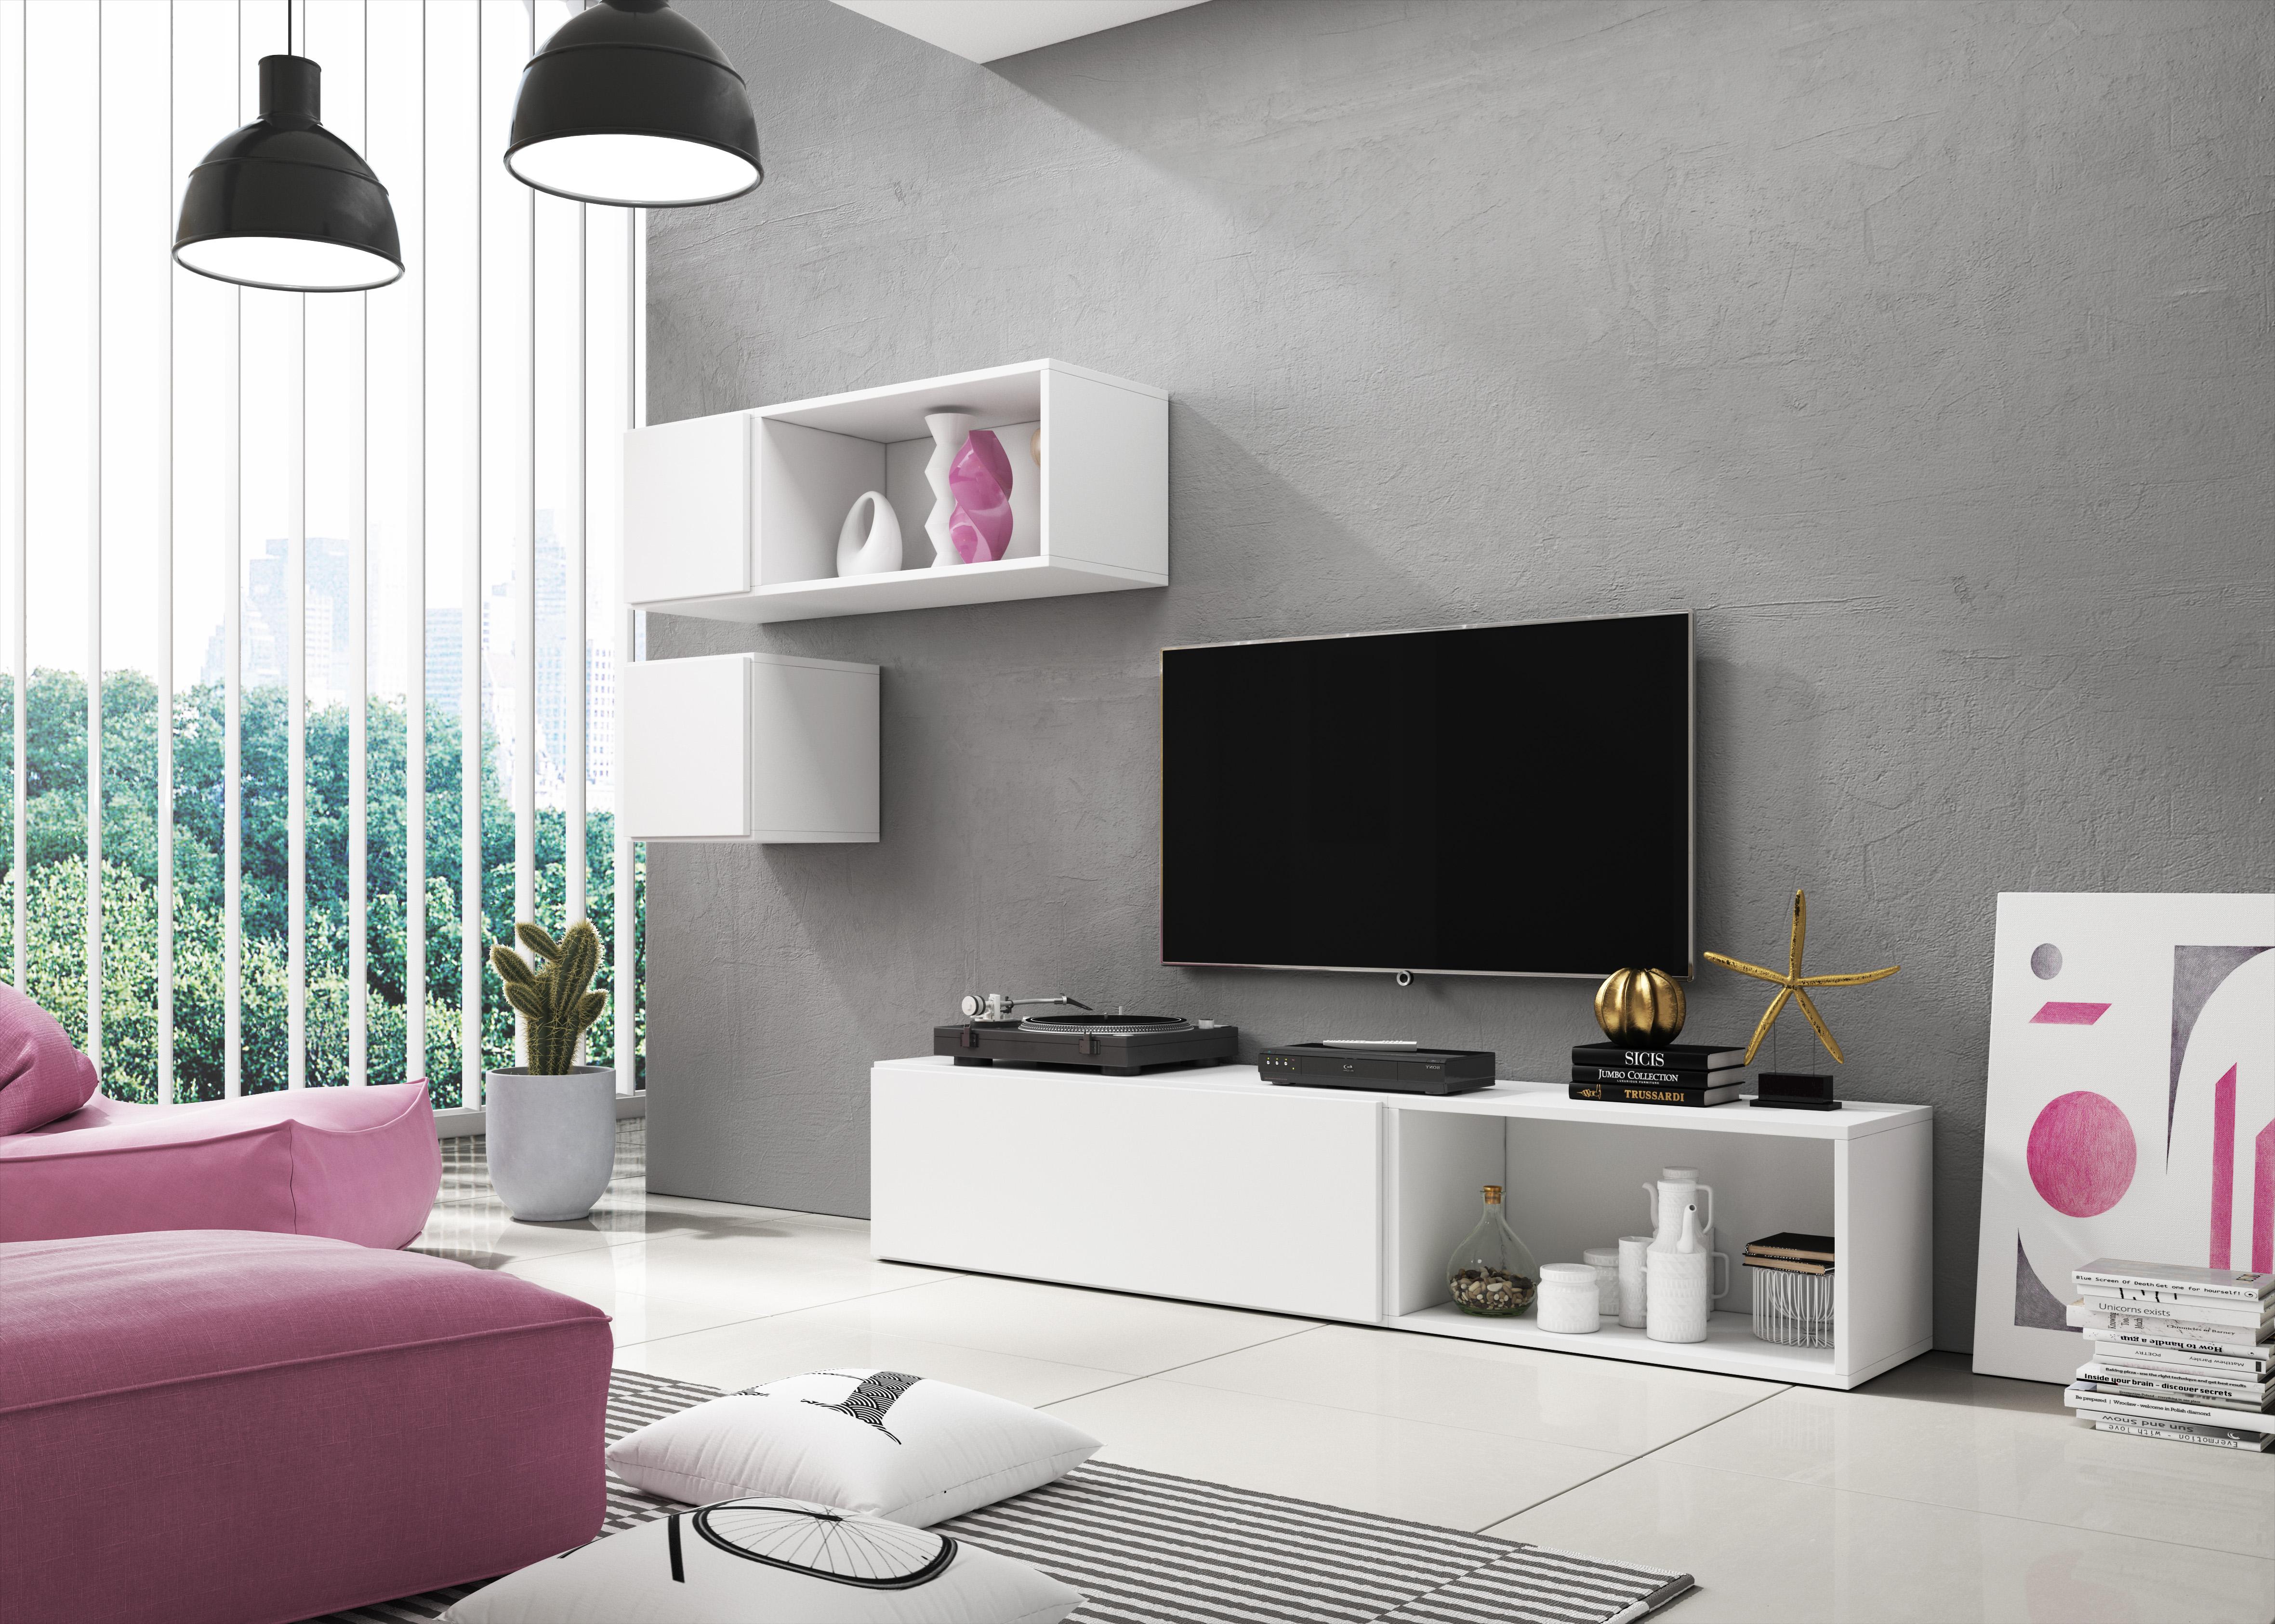 Wohnwand Matt Cube Wohnkombination Fernsehschrank Hängeschrank individuell